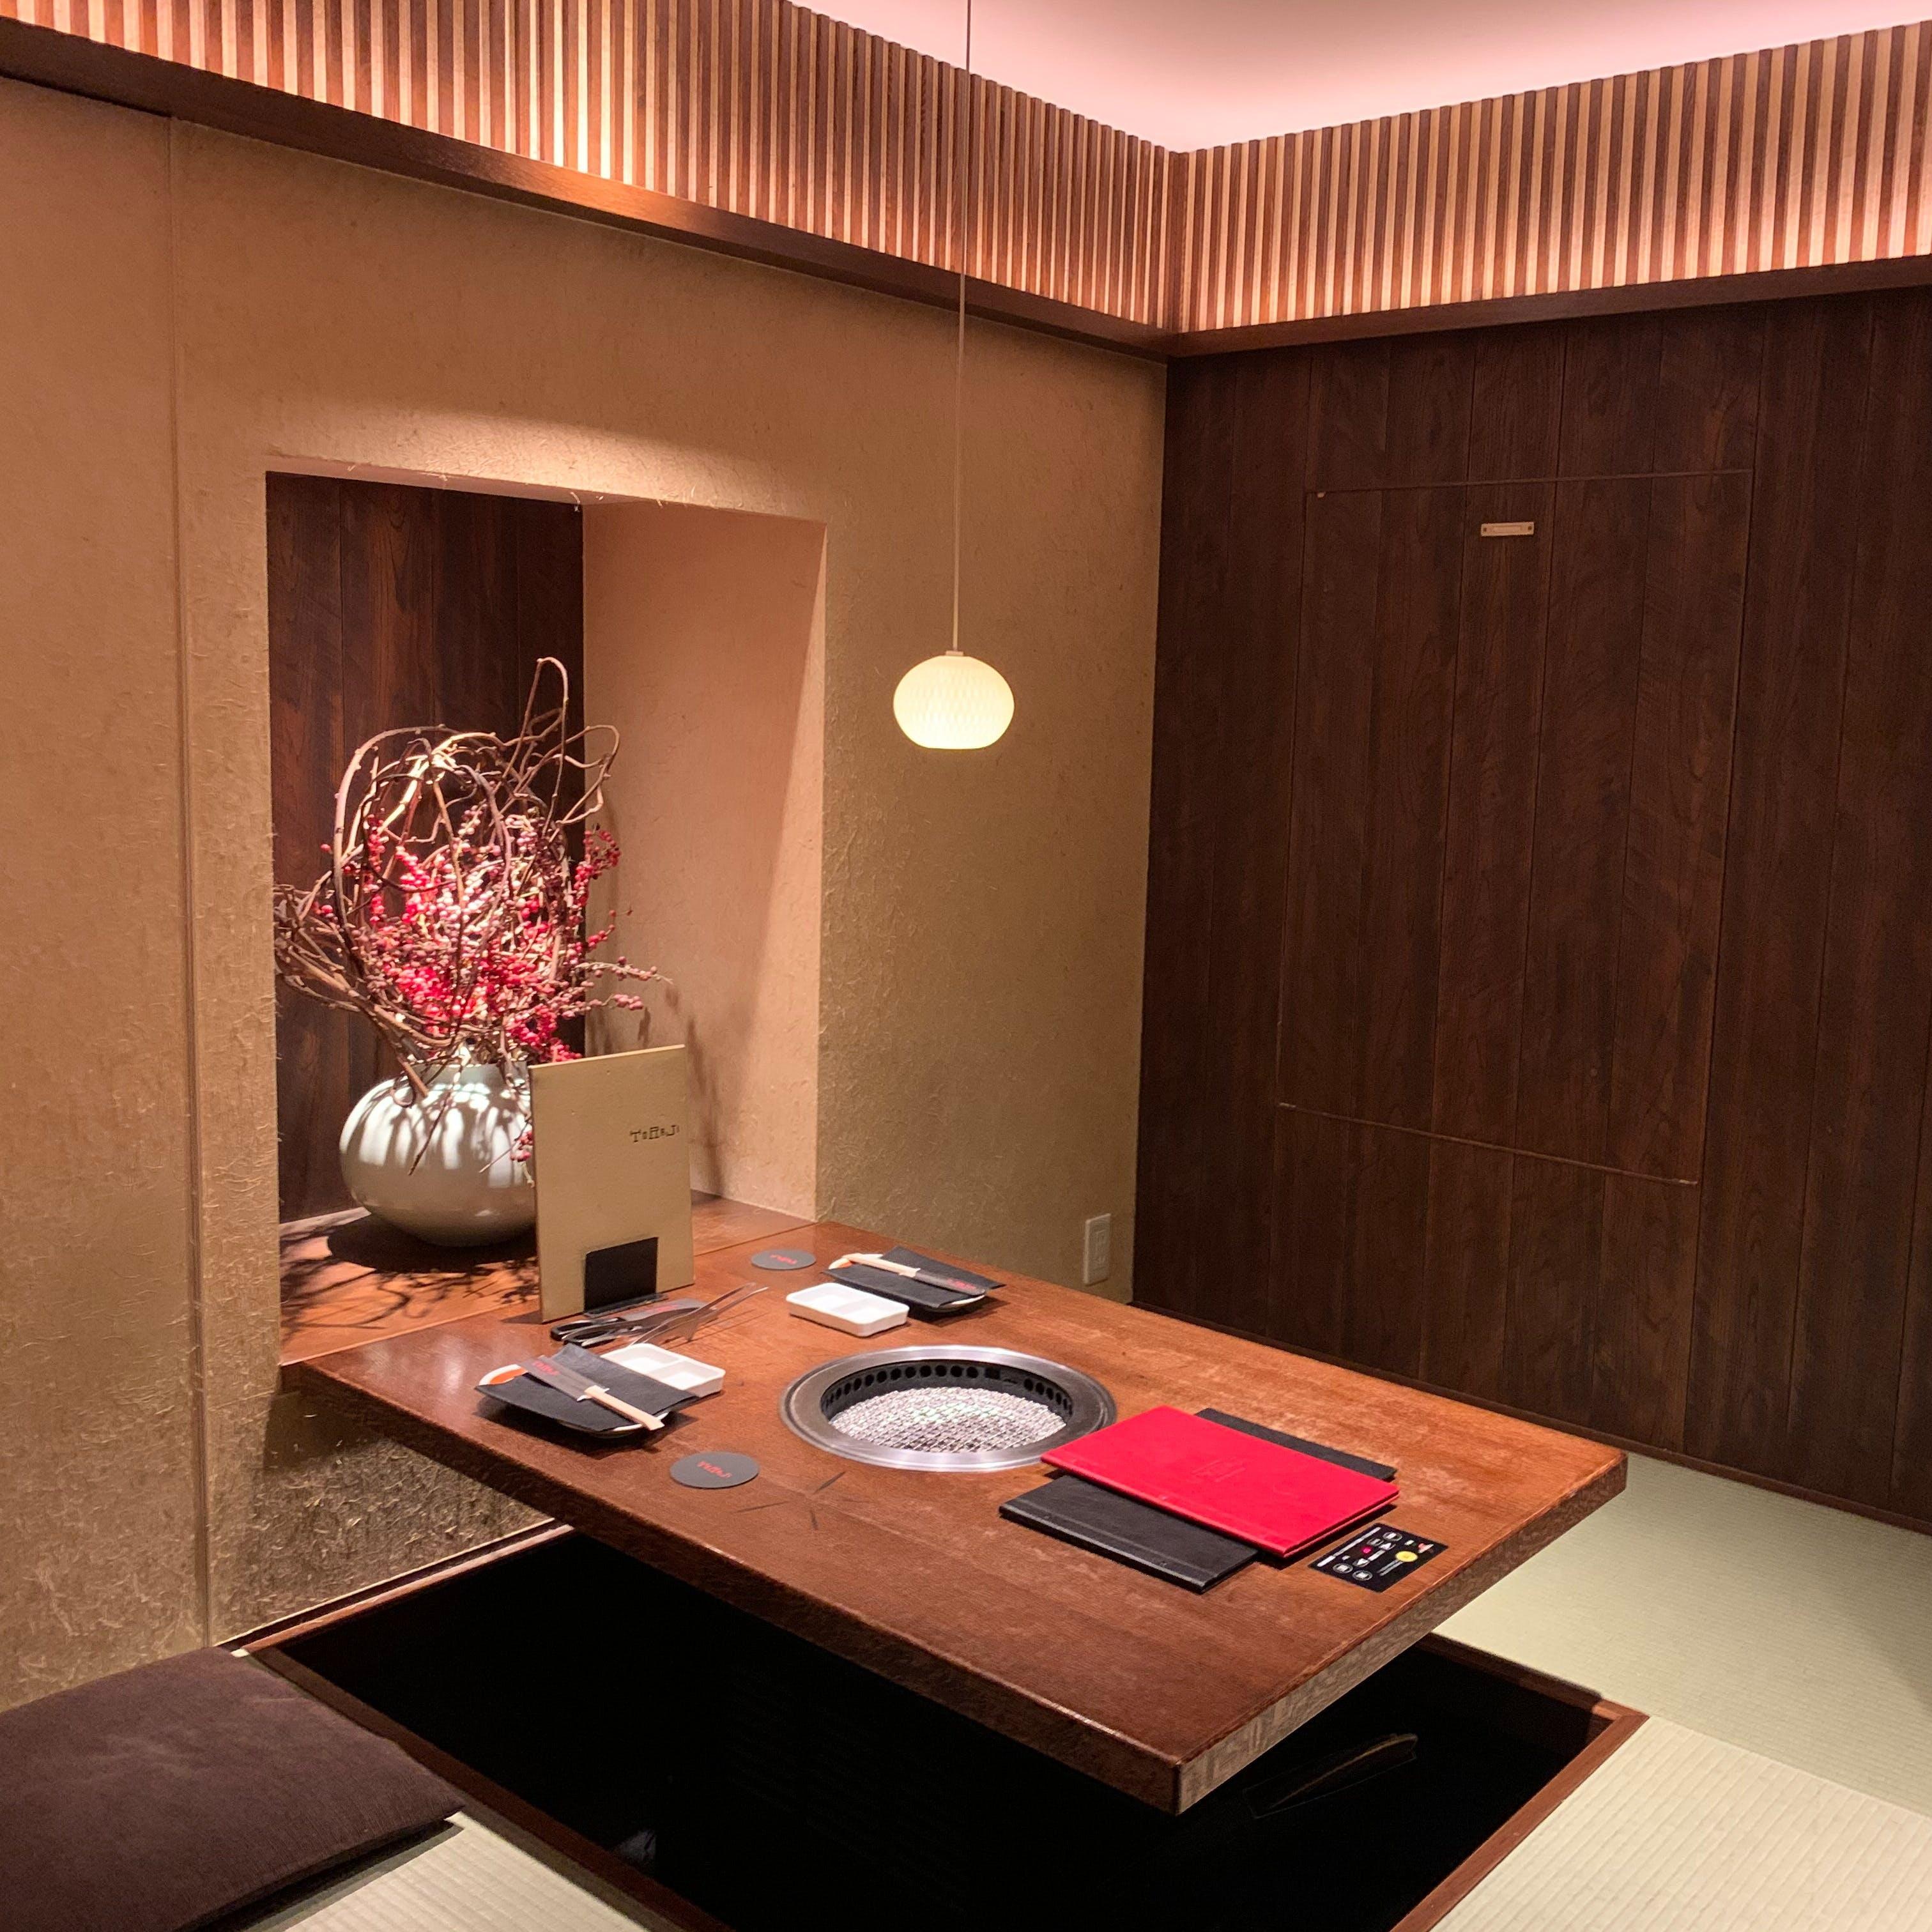 歌舞伎町の喧騒を忘れる和の寛ぎ空間